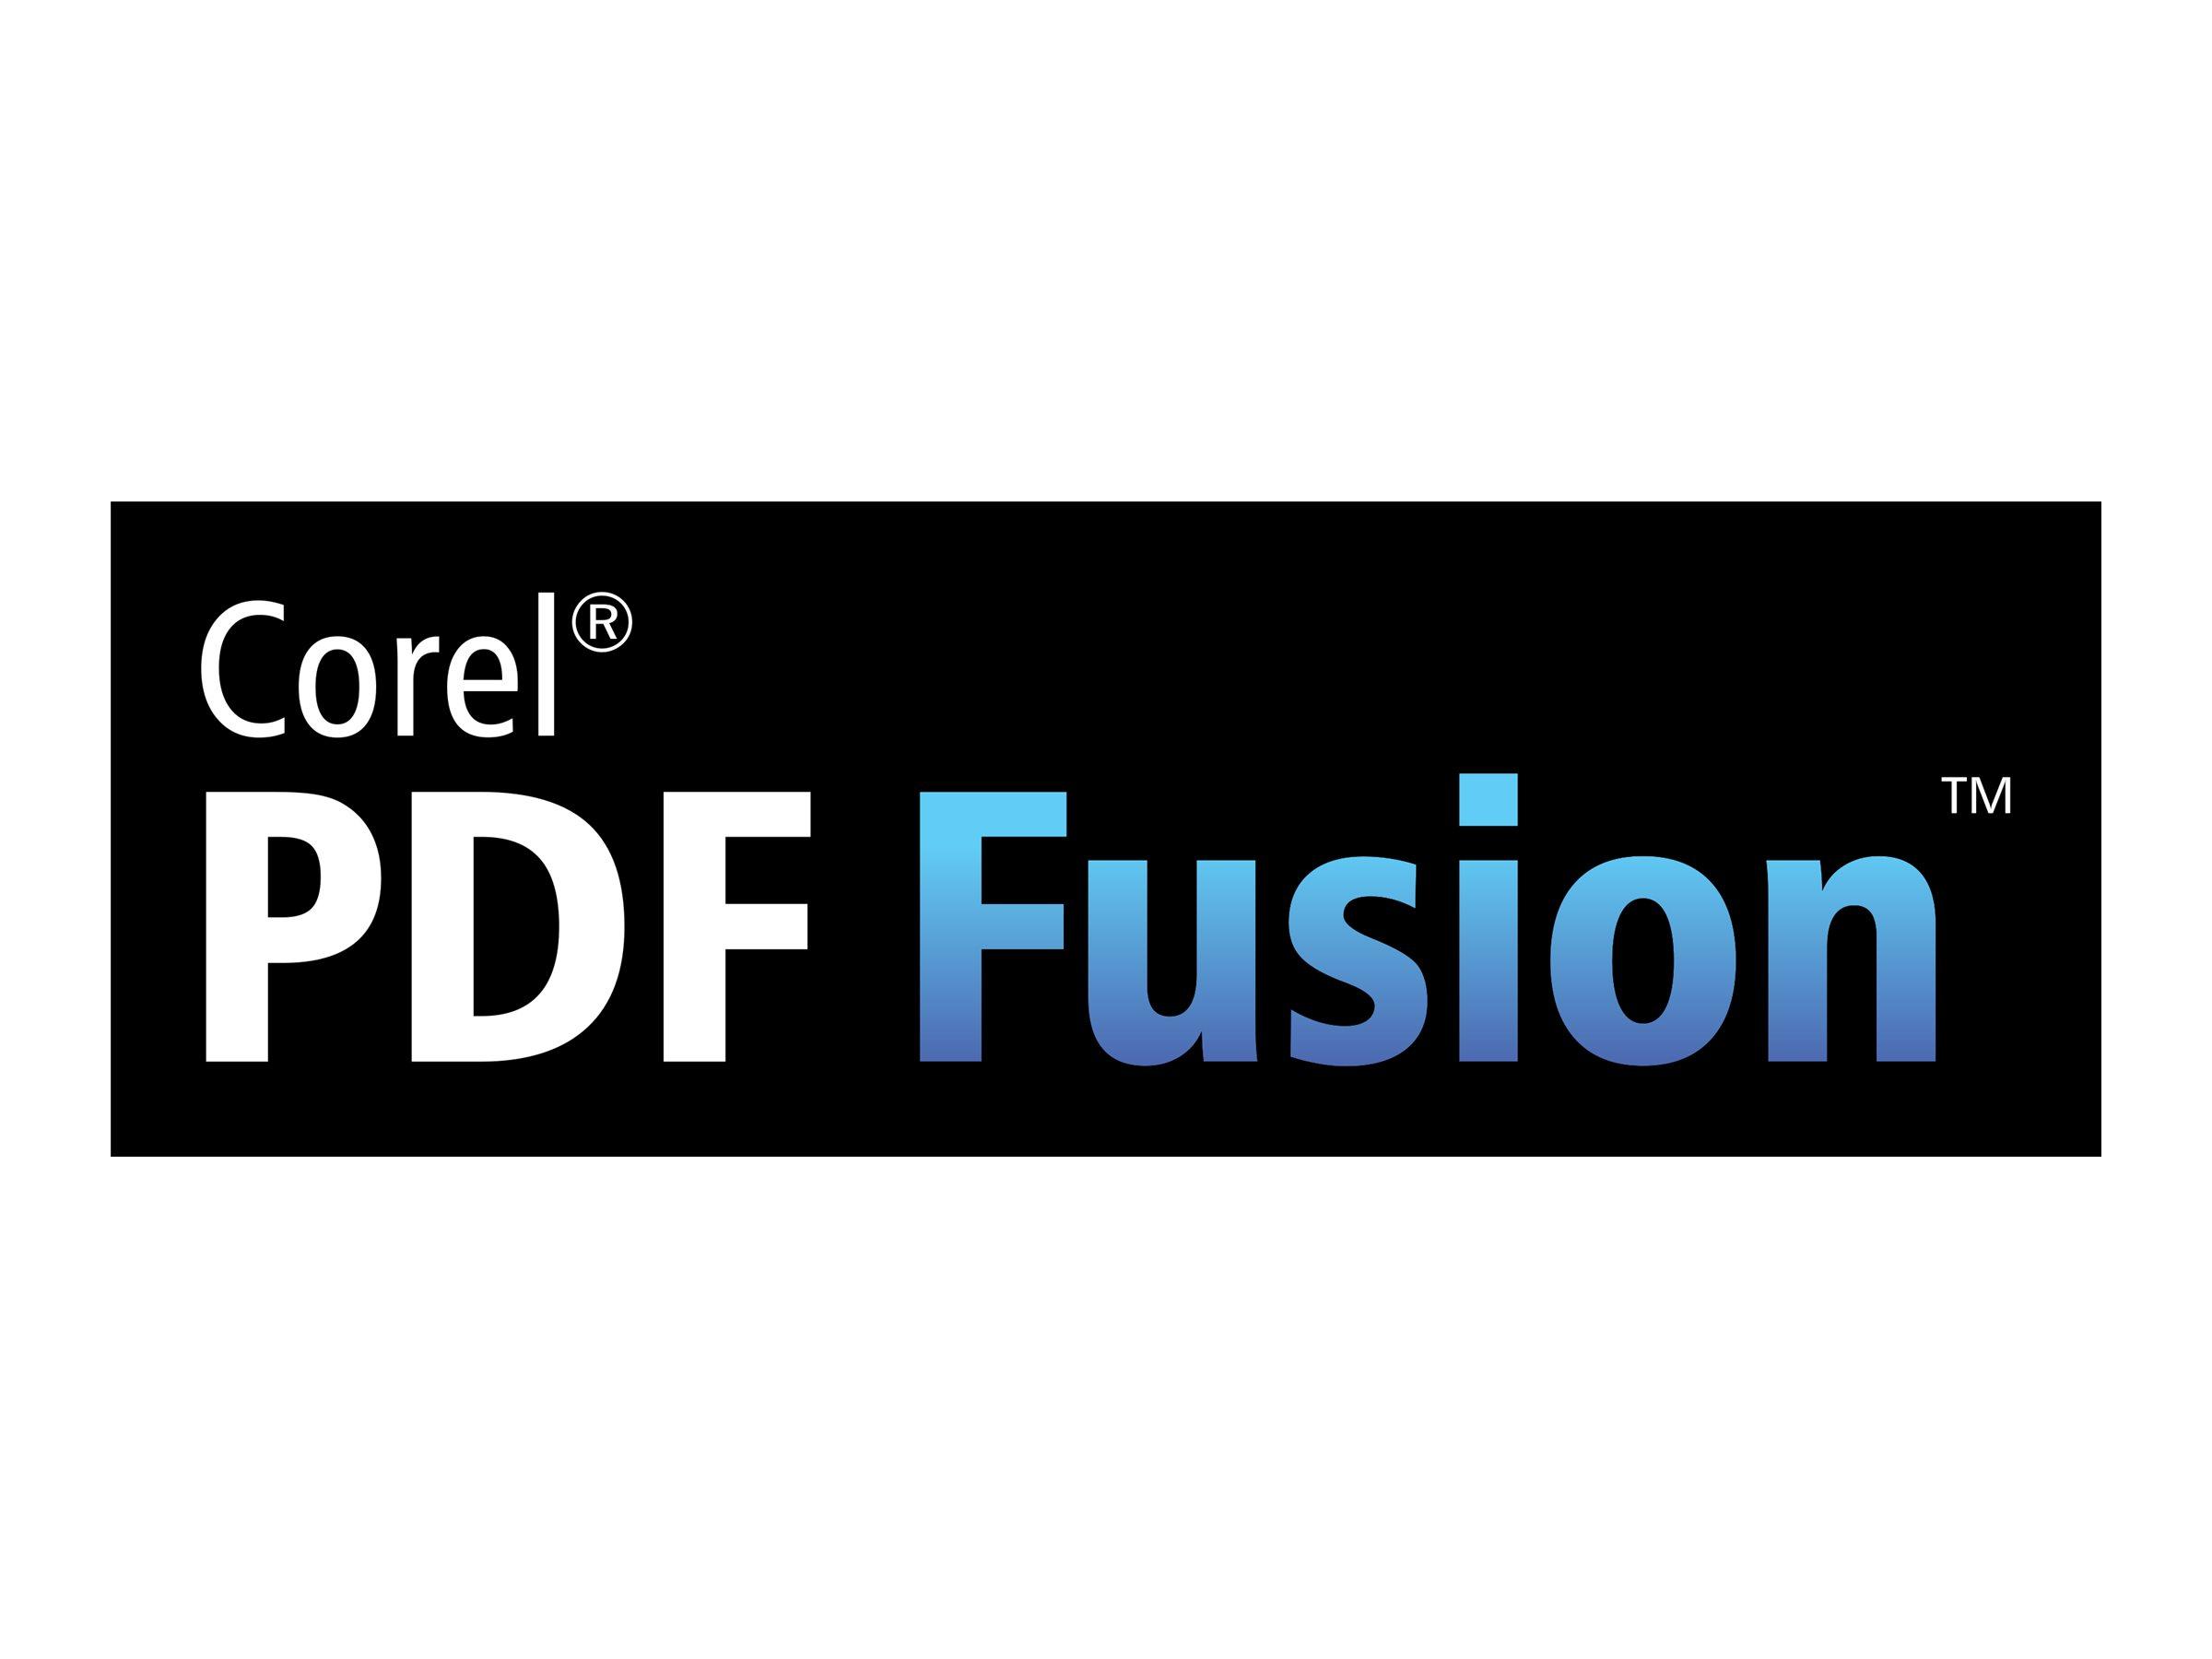 Corel PDF Fusion - Wartung (1 Jahr) - 1 Benutzer - CTL - Stufe E (121-250) - Win